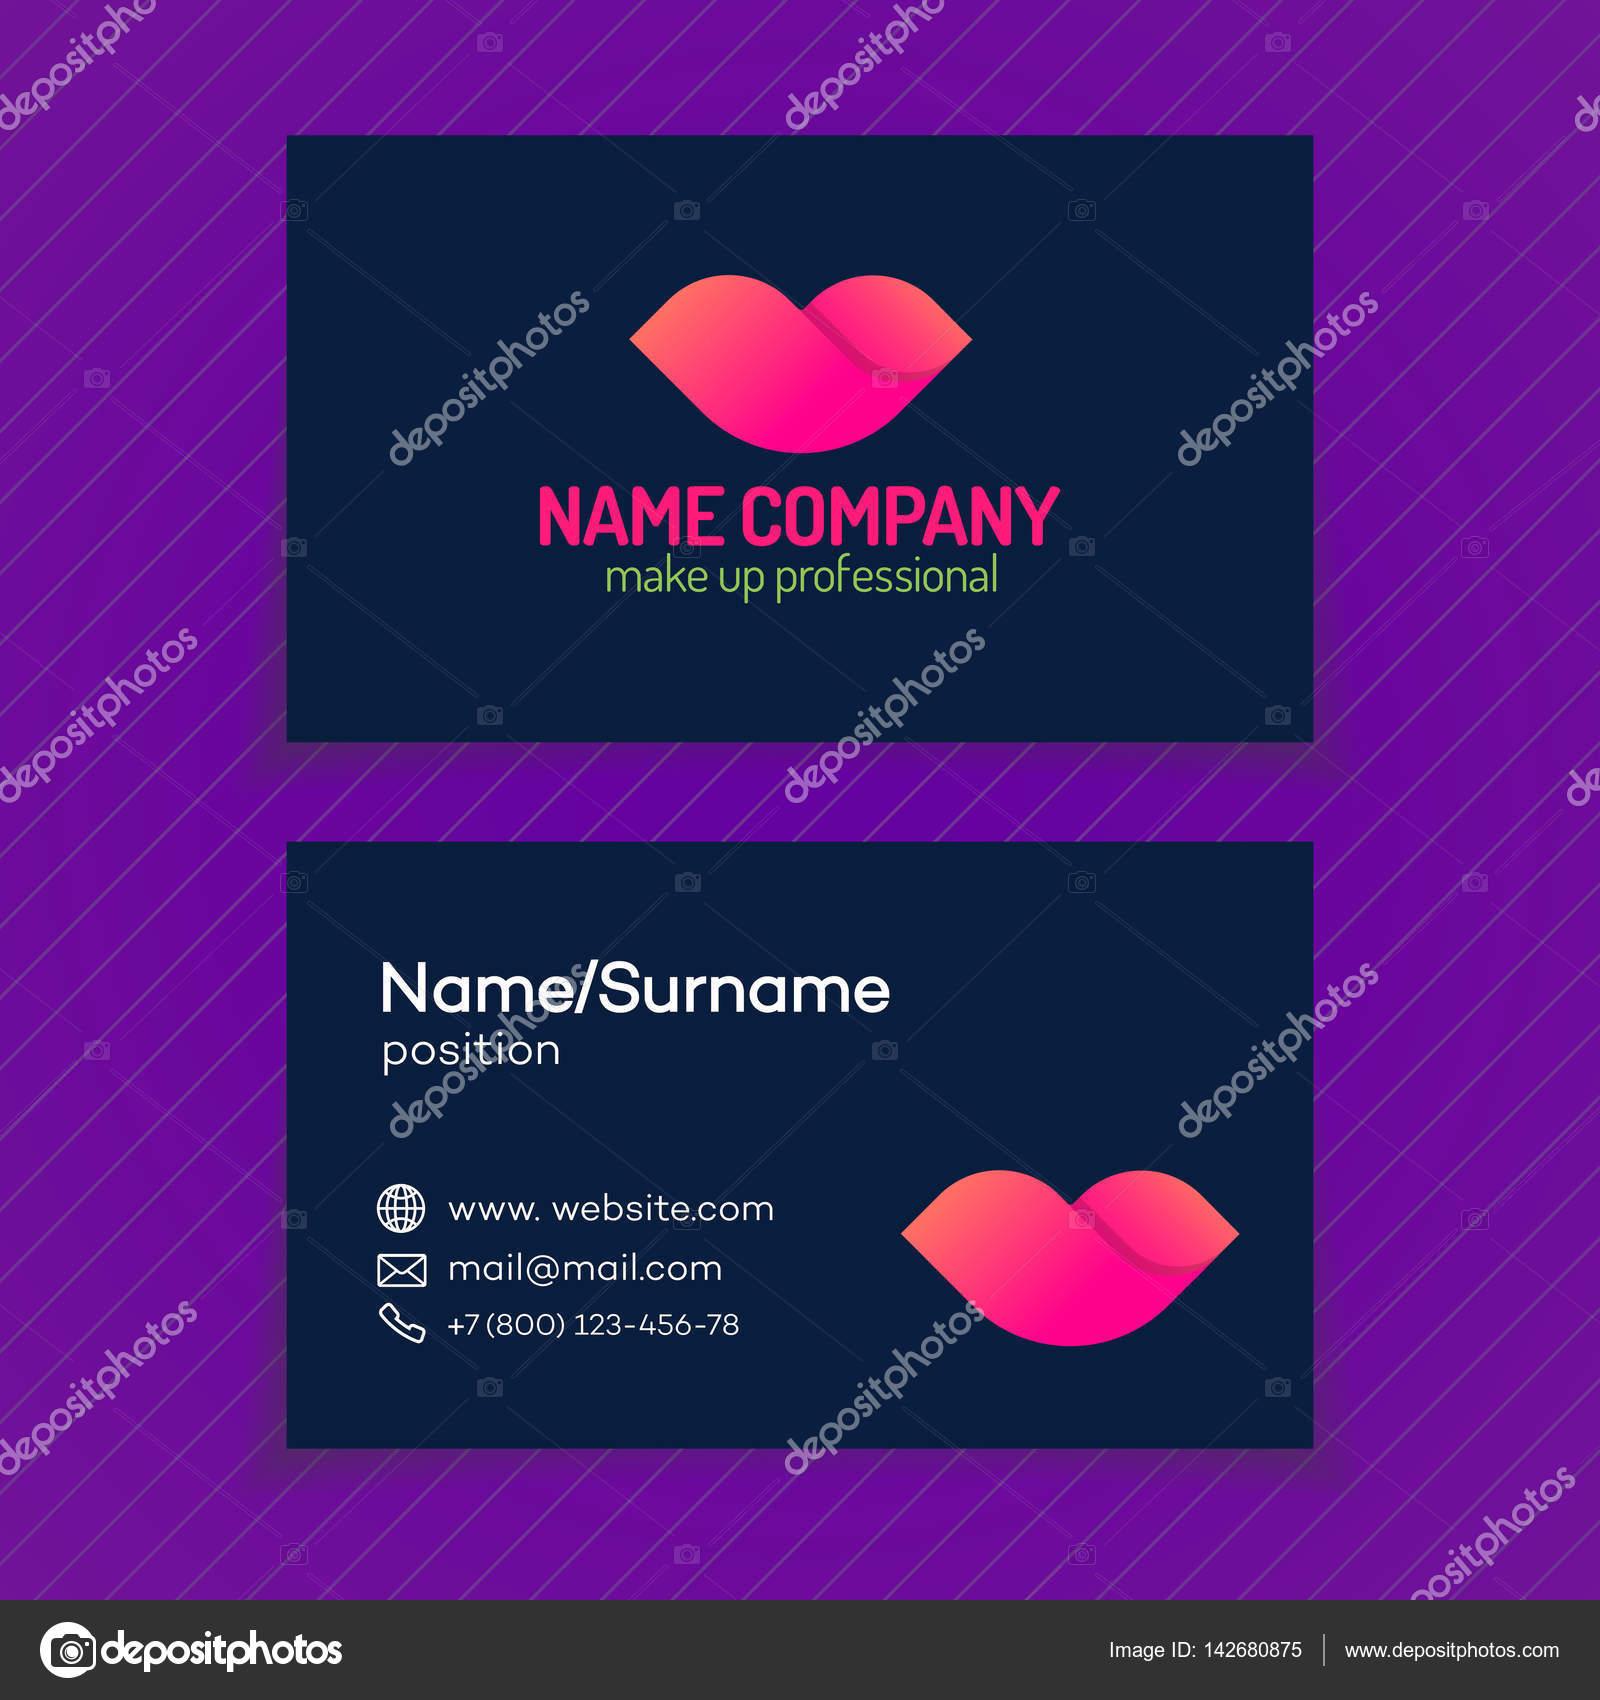 Carte De Visite Avec Logo Maquillage Compose Couleur Differente Levres Isole Sur Fond Composent Entreprise Professionnel Etc